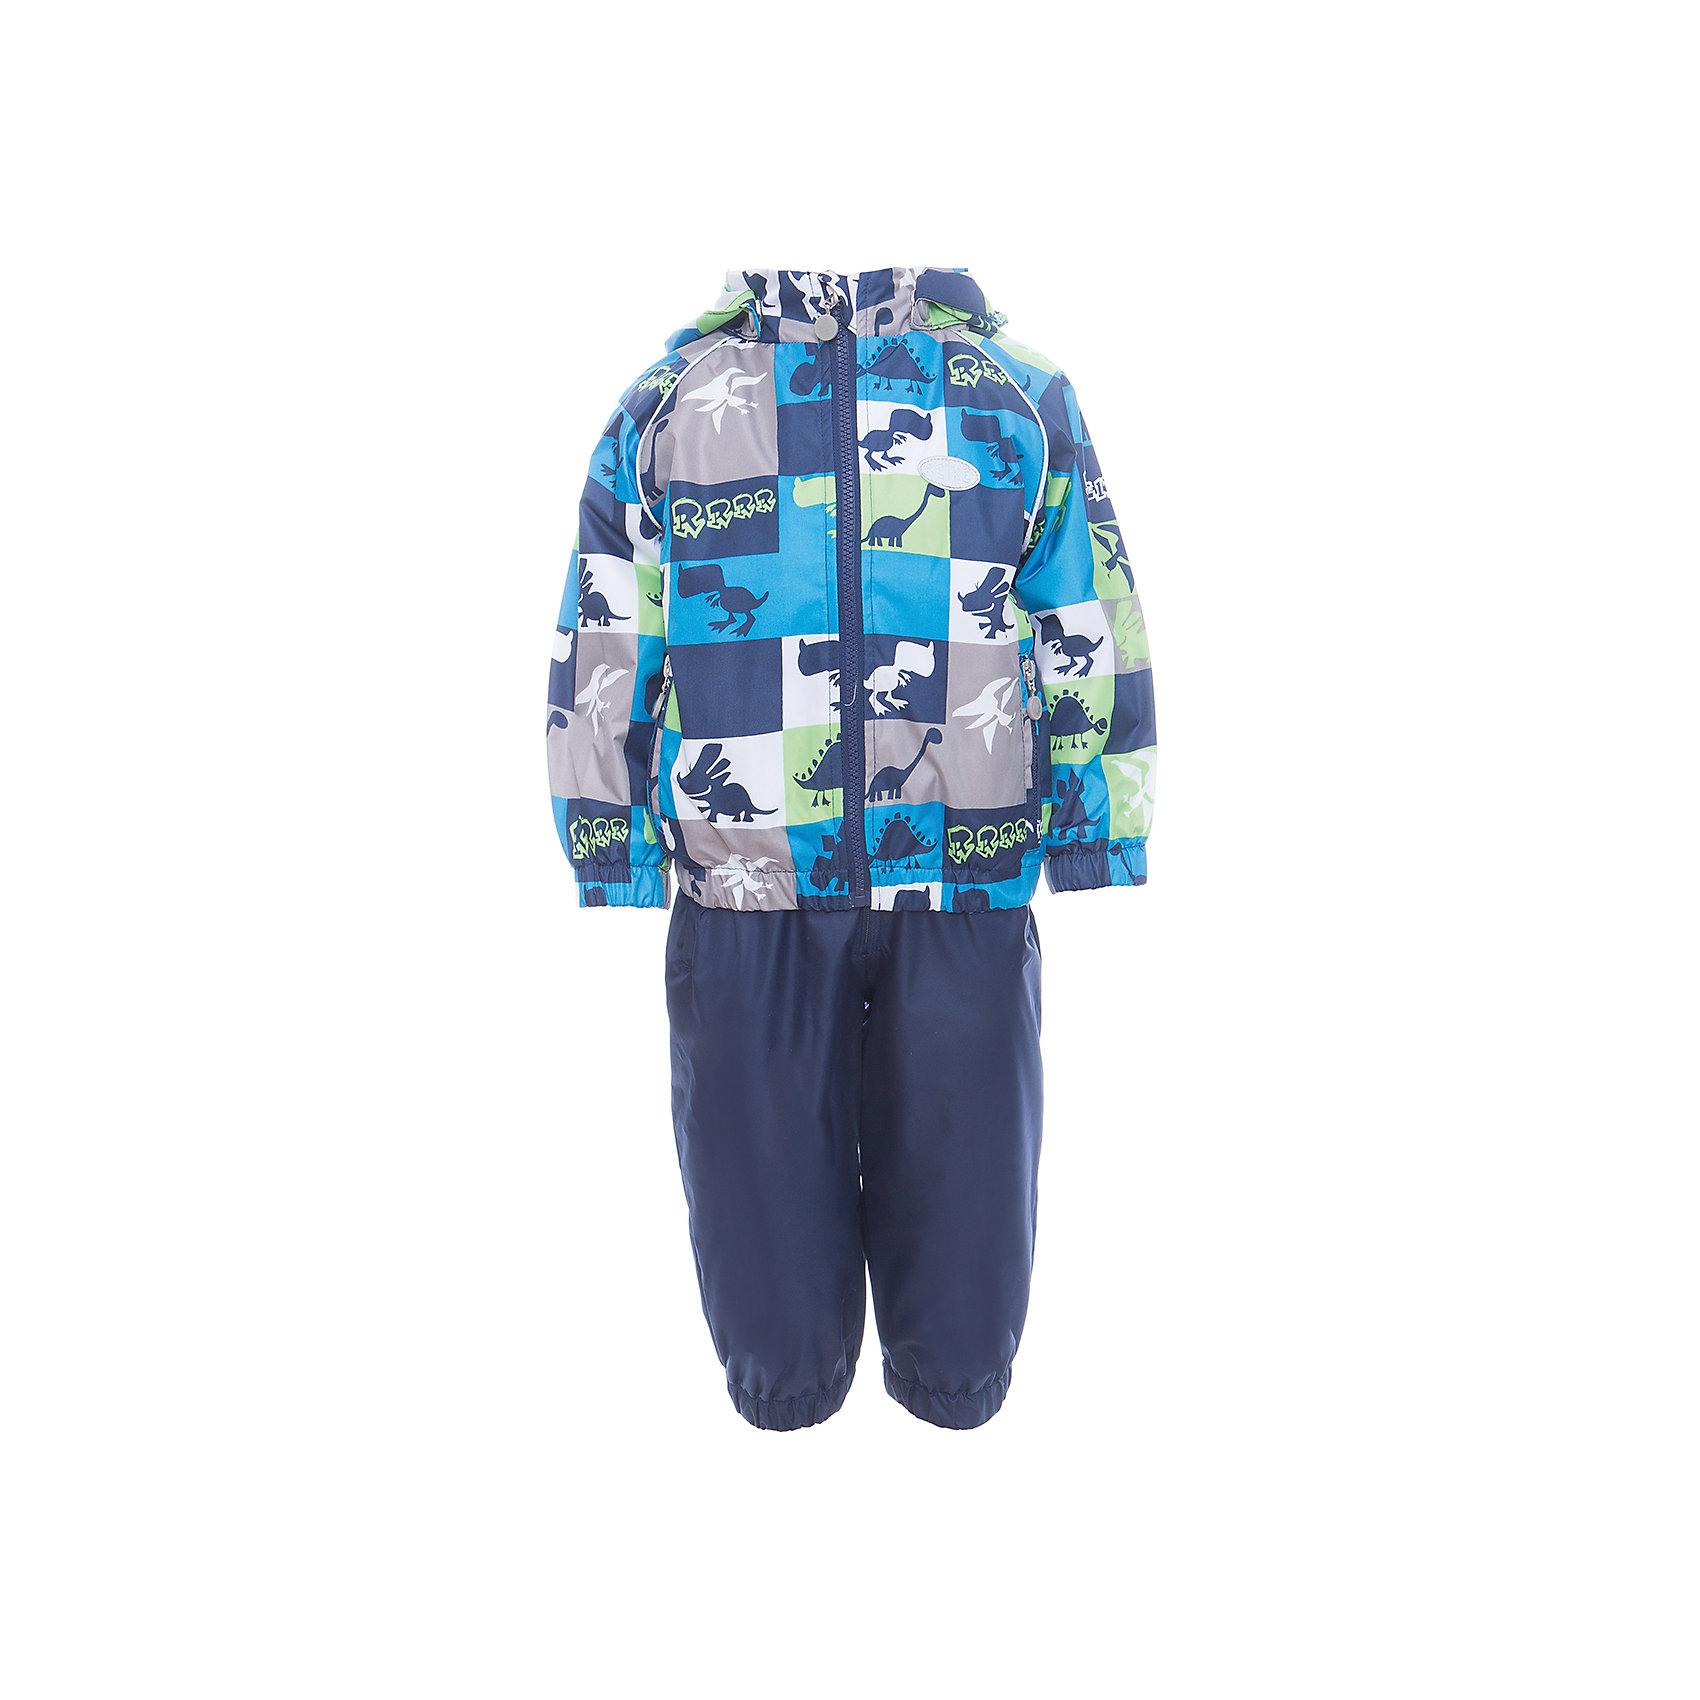 Комплект Reike для мальчикаВерхняя одежда<br>Характеристики товара:<br><br>• цвет: синий<br>• состав: 100% полиэстер<br>• подкладка: 100% хлопок, с комфортными велюровыми вставками на воротнике и манжетах<br>• без утеплителя<br>• температурный режим: от +5° С до +15° С<br>• из ветрозащитного, водонепроницаемого материала<br>• мембранная технология позволяет телу дышать<br>• воздухопроницаемость: 2000гр/м2/24 ч<br>• водоотталкивающее покрытие: 2000 мм<br>• ветрозащитная планка не допускает проникновения холодного воздуха<br>• эластичная талия полукомбинезона и регулируемые подтяжки гарантируют посадку по фигуре<br>• длинная молния впереди облегчает процесс одевания<br>• полукомбинезон оснащен боковым карманом на молнии и съемными штрипками<br>• съёмный капюшон<br>• два кармана на липучках<br>• эластичные манжеты на рукавах и внизу брючин<br>• светоотражающие детали<br>• страна бренда: Финляндия<br><br>Демисезонная одежда может быть очень красивой и удобной! Новая коллекция от известного финского производителя Reike отличается ярким дизайном, продуманностью и комфортом! Эта модель разработана специально для детей - она учитывает особенности их физиологии, а также новые тенденции в европейской моде. Стильная и удобная вещь!<br><br>Комплект от популярного бренда Reike можно купить в нашем интернет-магазине.<br><br>Ширина мм: 215<br>Глубина мм: 88<br>Высота мм: 191<br>Вес г: 336<br>Цвет: синий<br>Возраст от месяцев: 24<br>Возраст до месяцев: 36<br>Пол: Мужской<br>Возраст: Детский<br>Размер: 98,92,86,80<br>SKU: 5429964